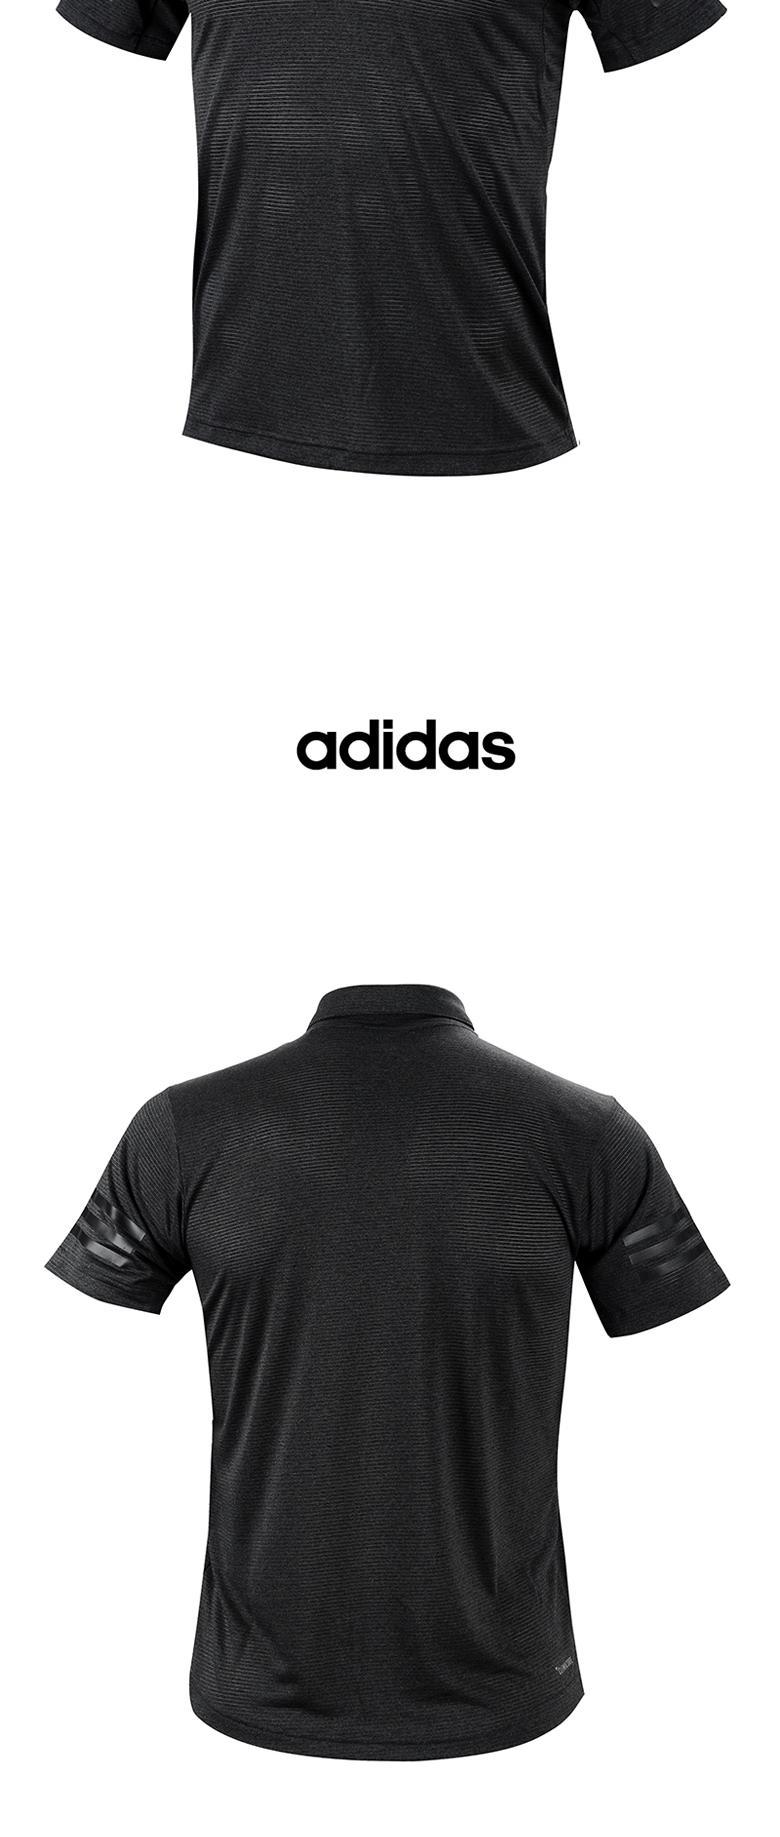 아디다스 클라이마쿨 폴로 반팔티(CE4073) 티셔츠 운동티셔츠 스포츠티셔츠 반팔티셔츠 남성티셔츠 남성카라반팔티셔츠 남성운동티셔츠 남성스포츠티셔츠 남자반팔티셔츠 남자운동티셔츠